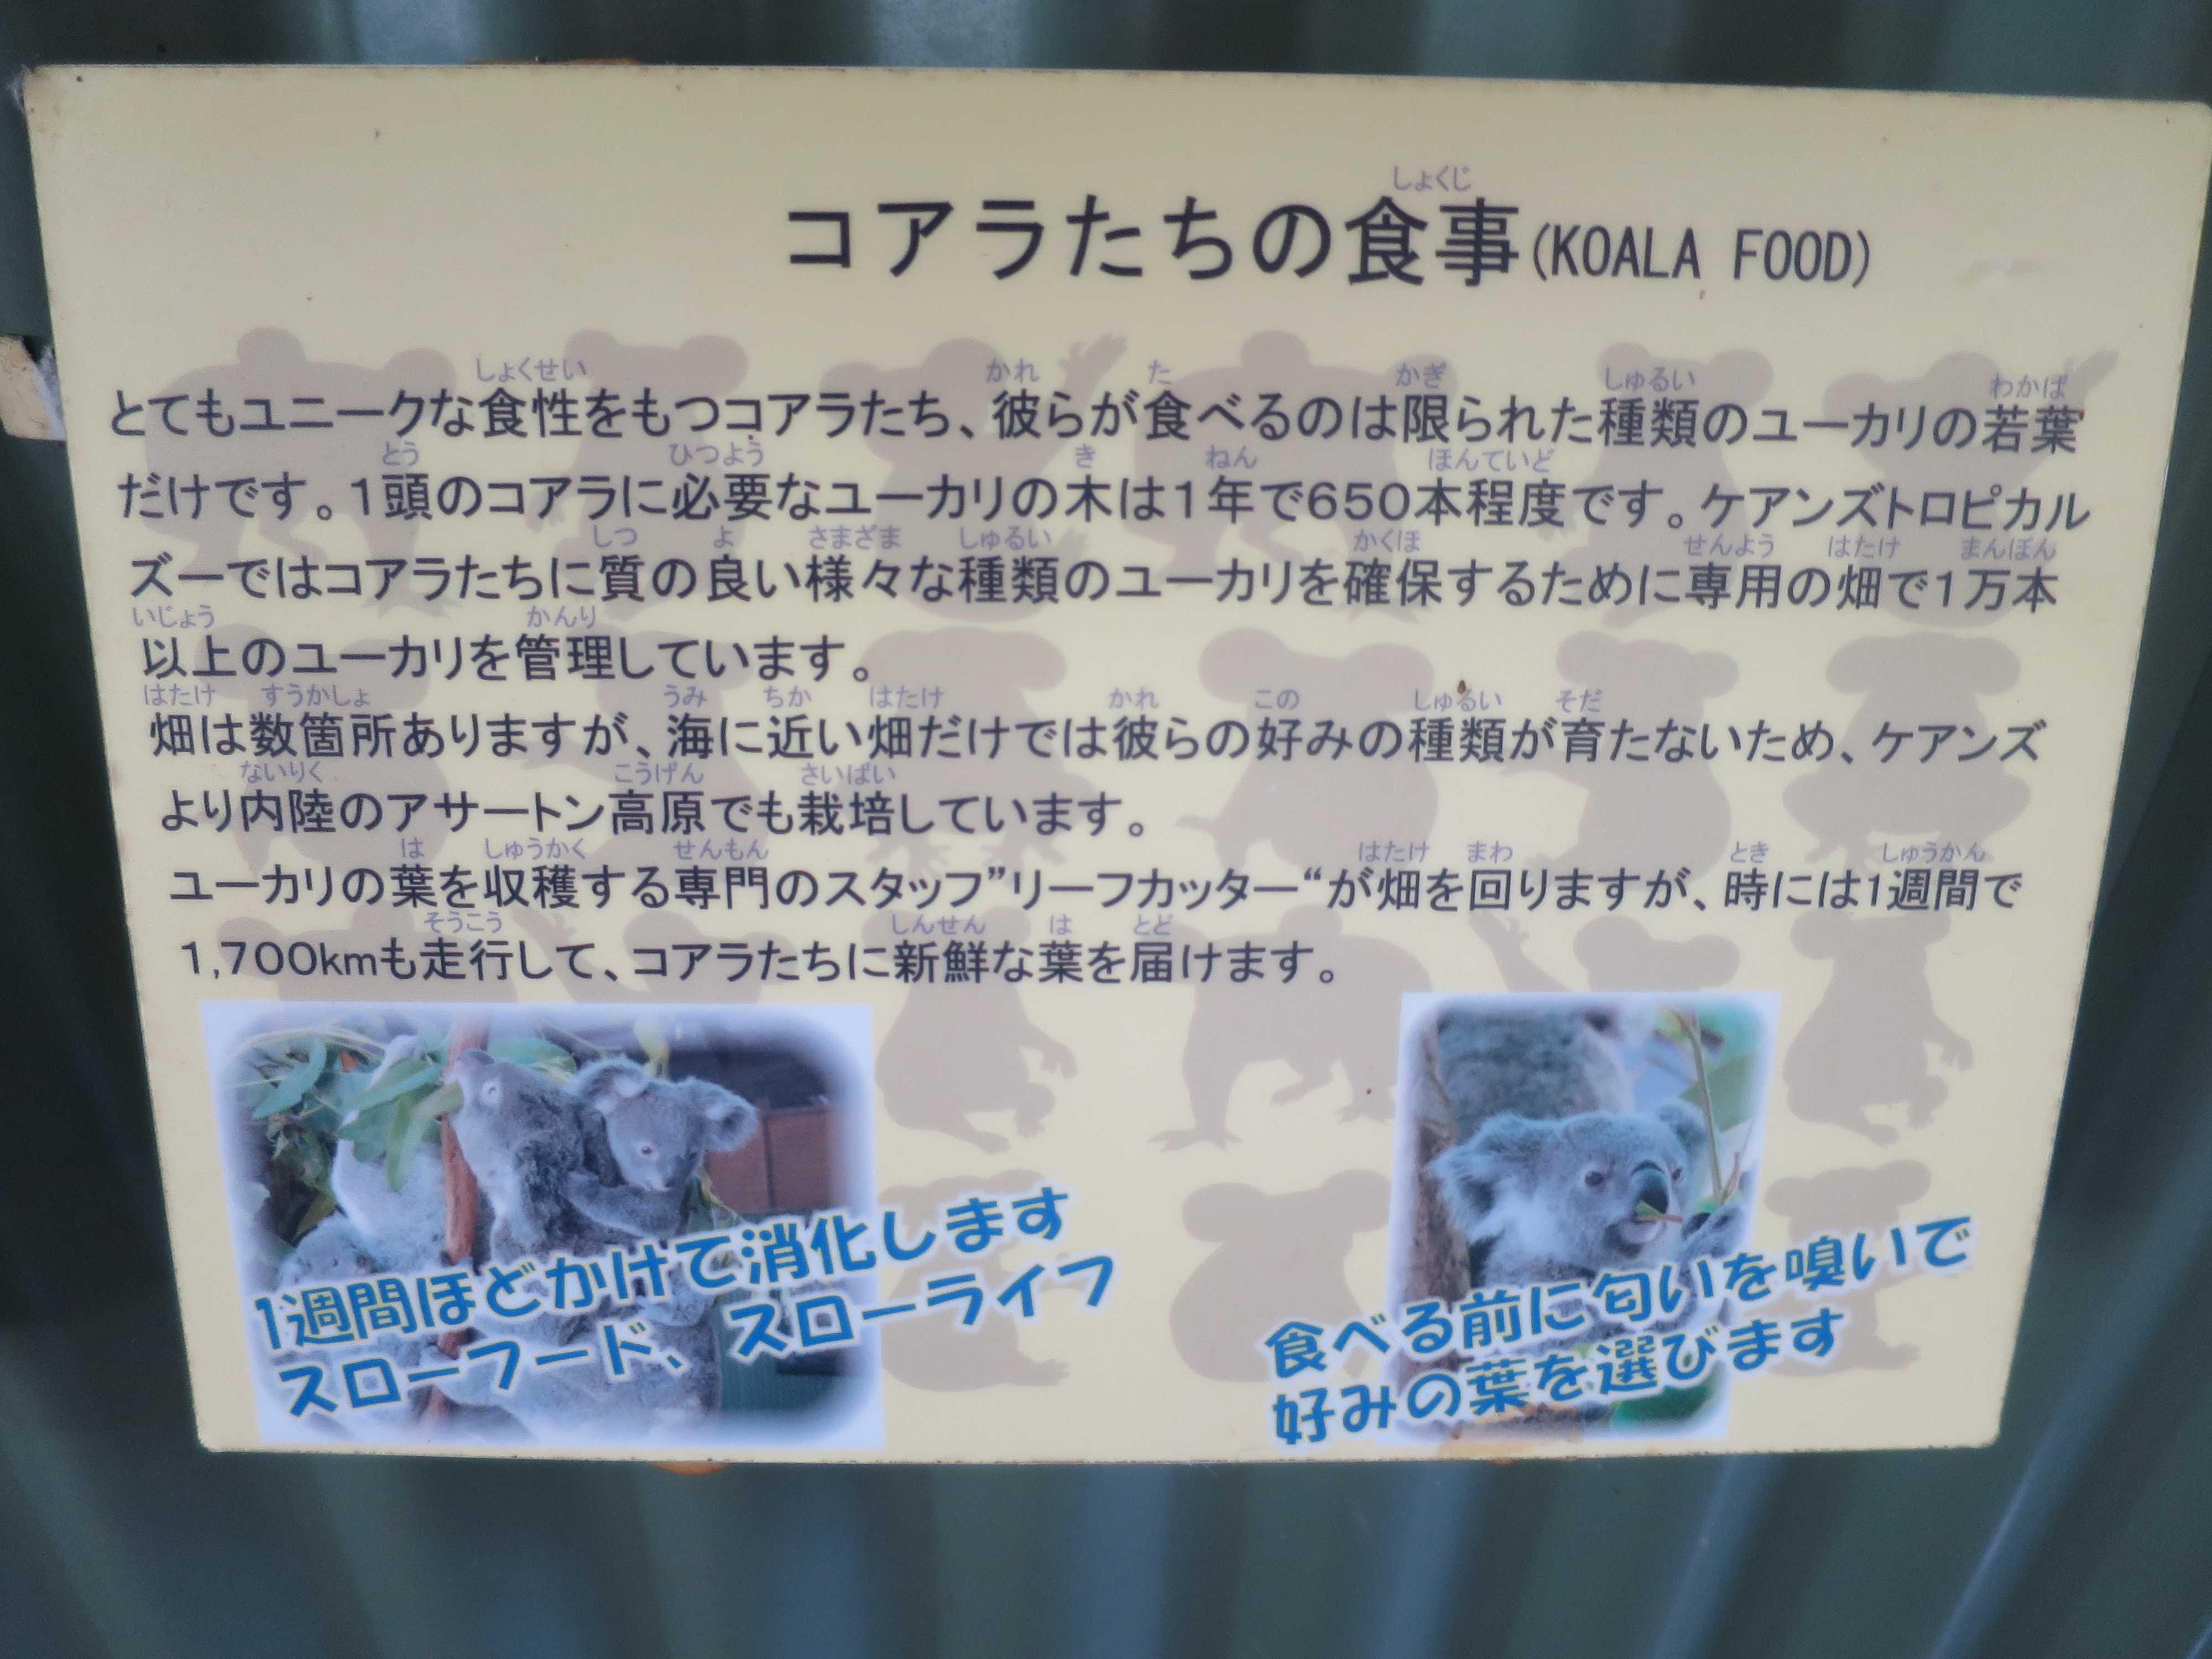 ケアンズ動物園 - コアラたちの食事(KOALA FOOD)